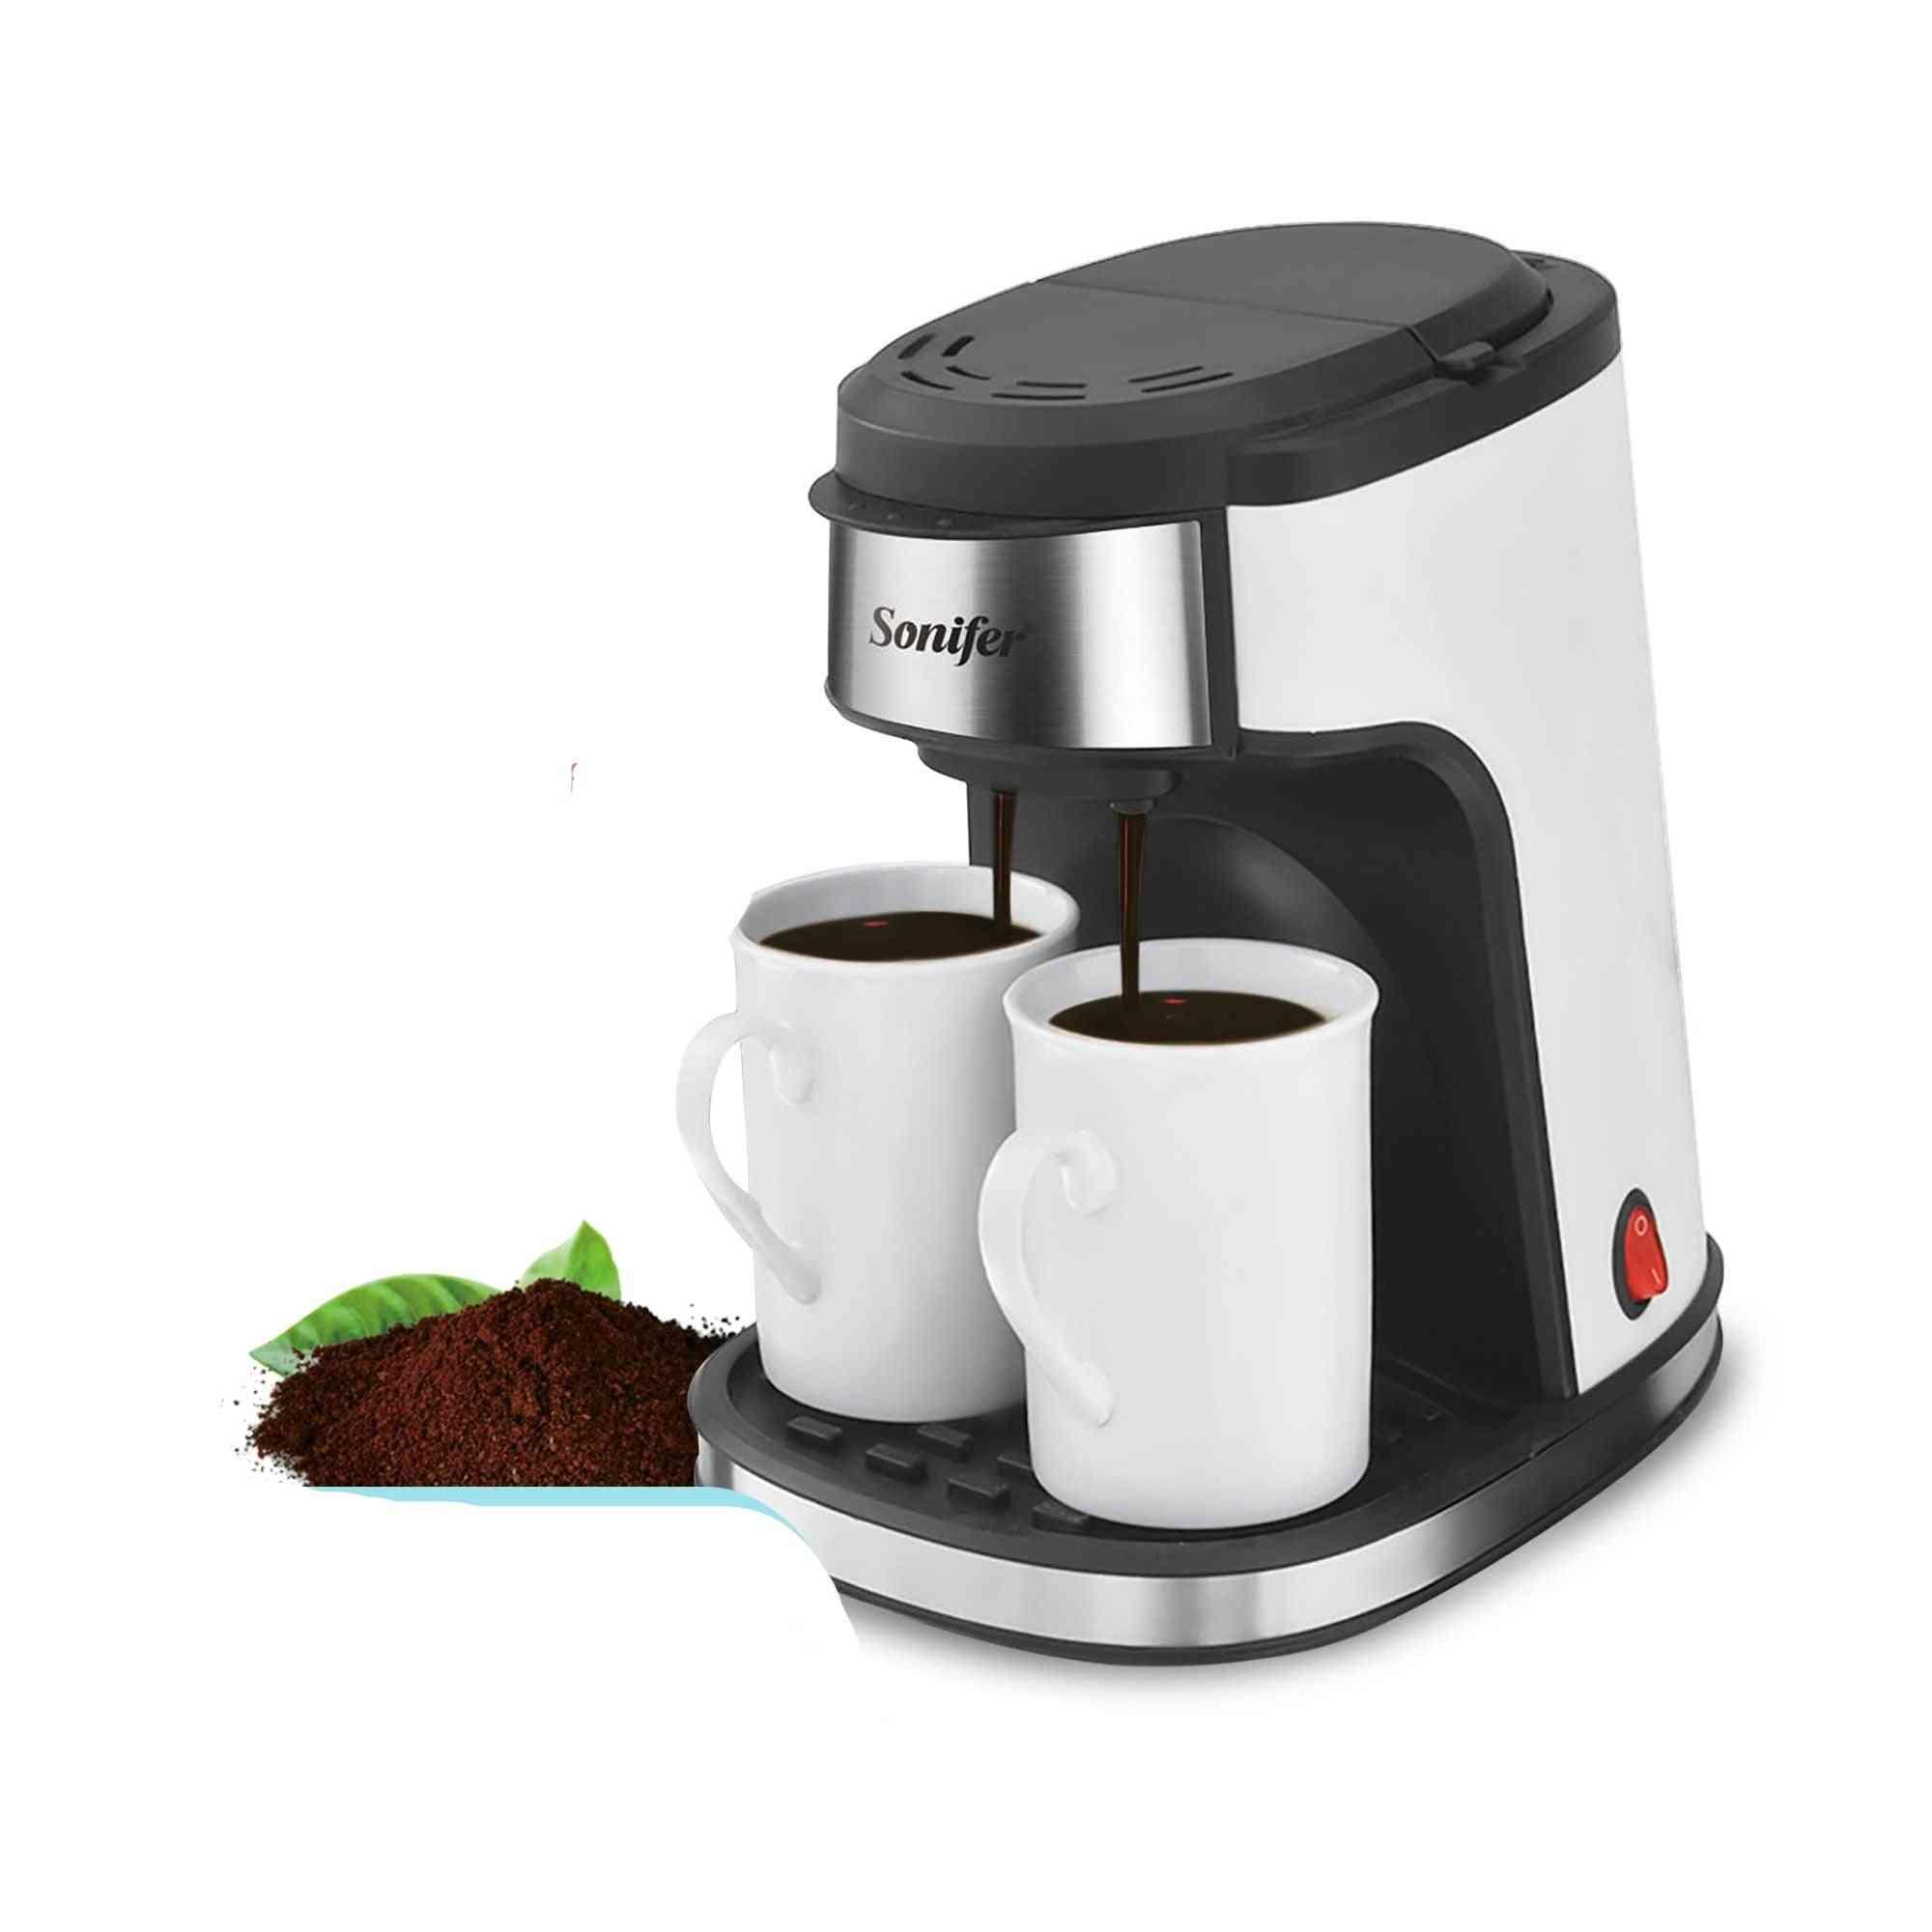 Drip Coffee Machine, Kitchen Appliances Dripping Coffee Maker